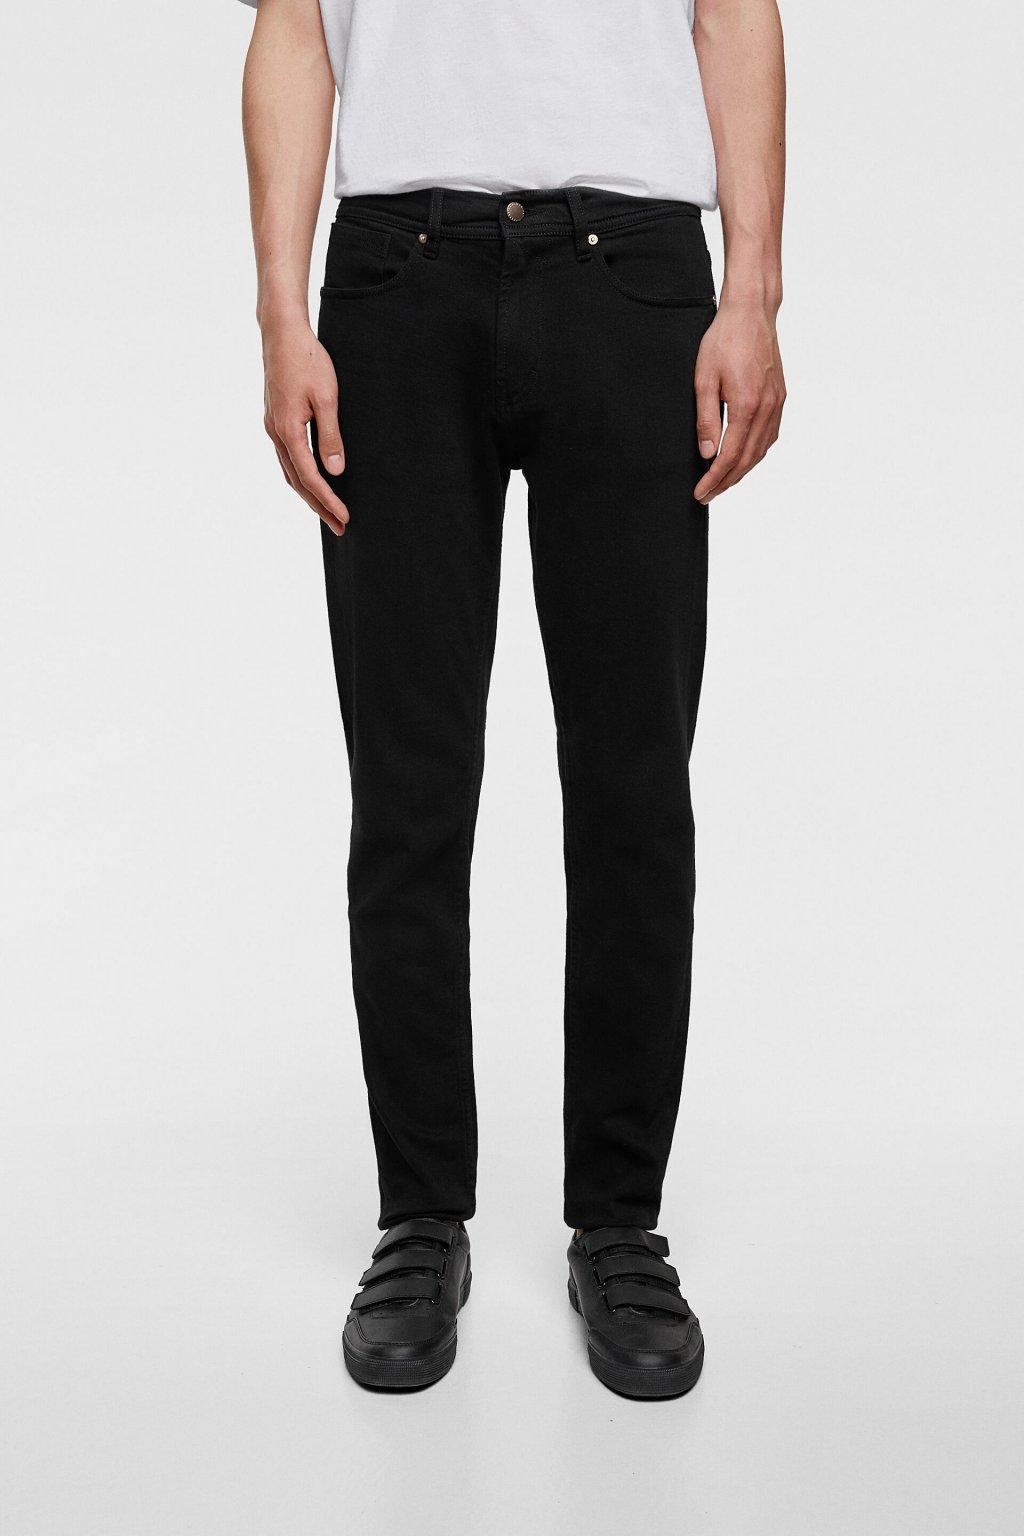 Kalhoty Zara 5575/380/800